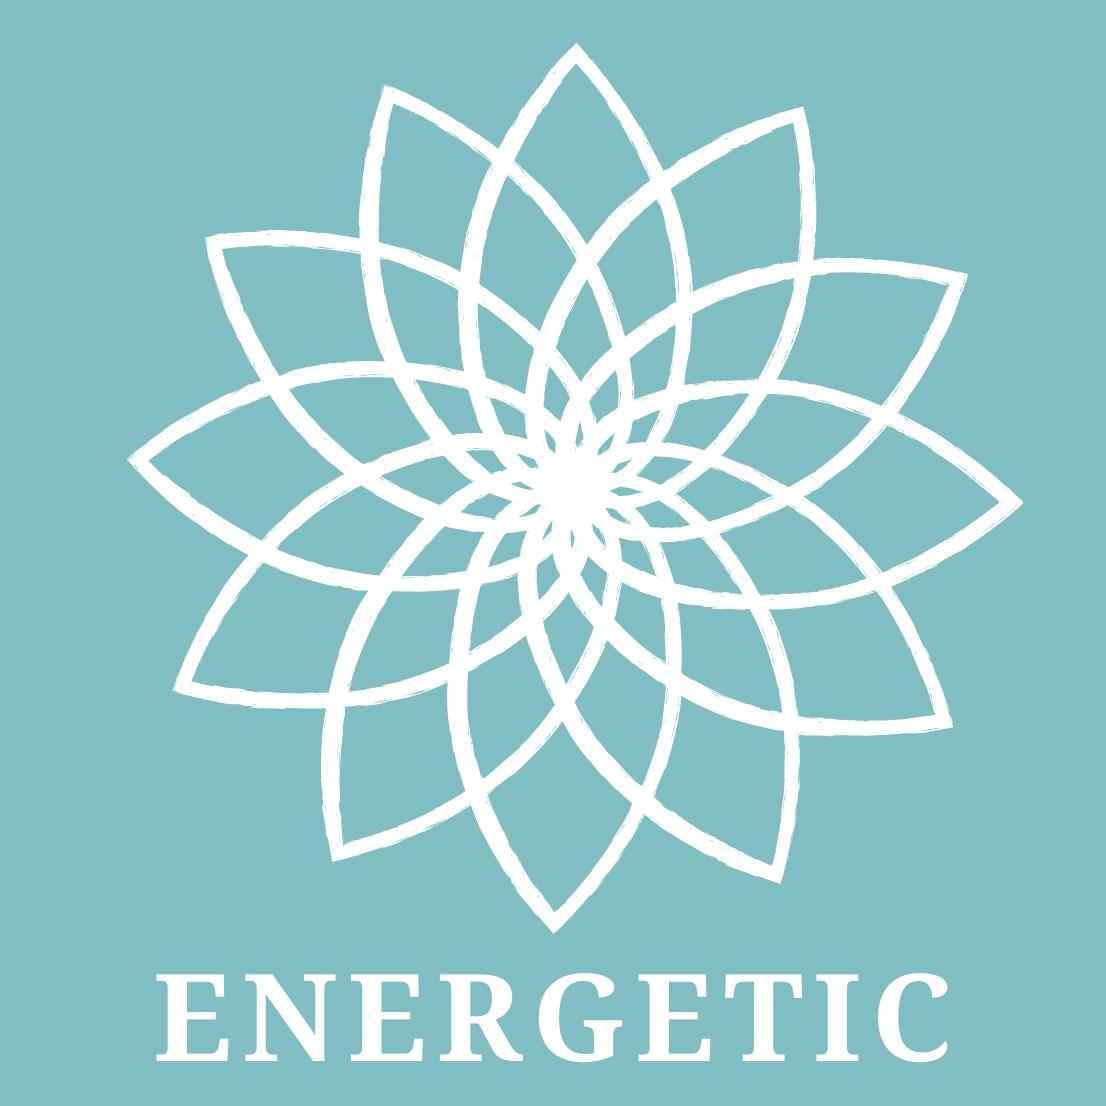 Energetic Ecology